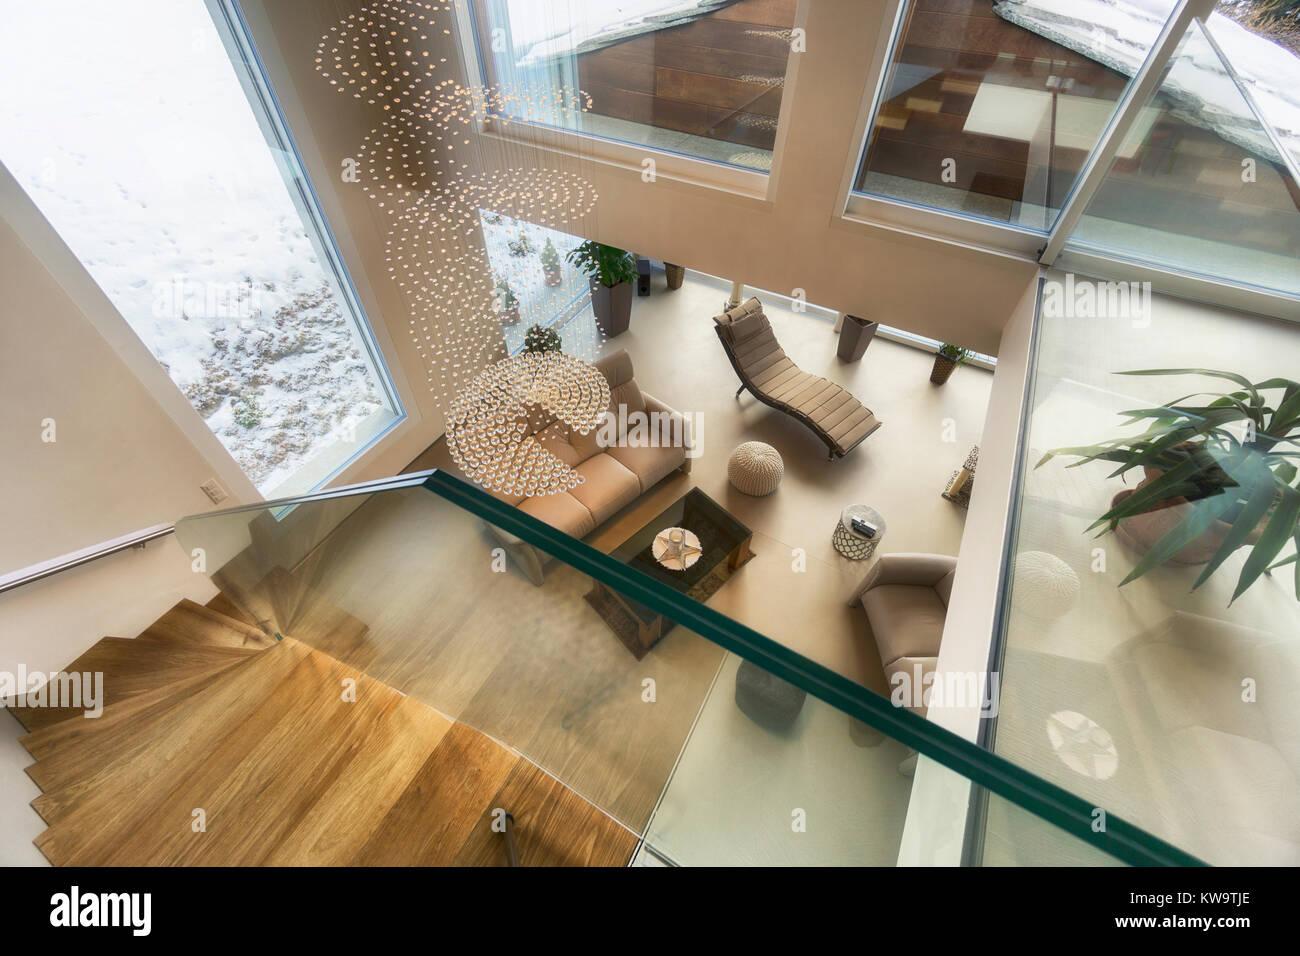 Salón de casa de lujo con vista a la montaña en el diseño moderno Imagen De Stock